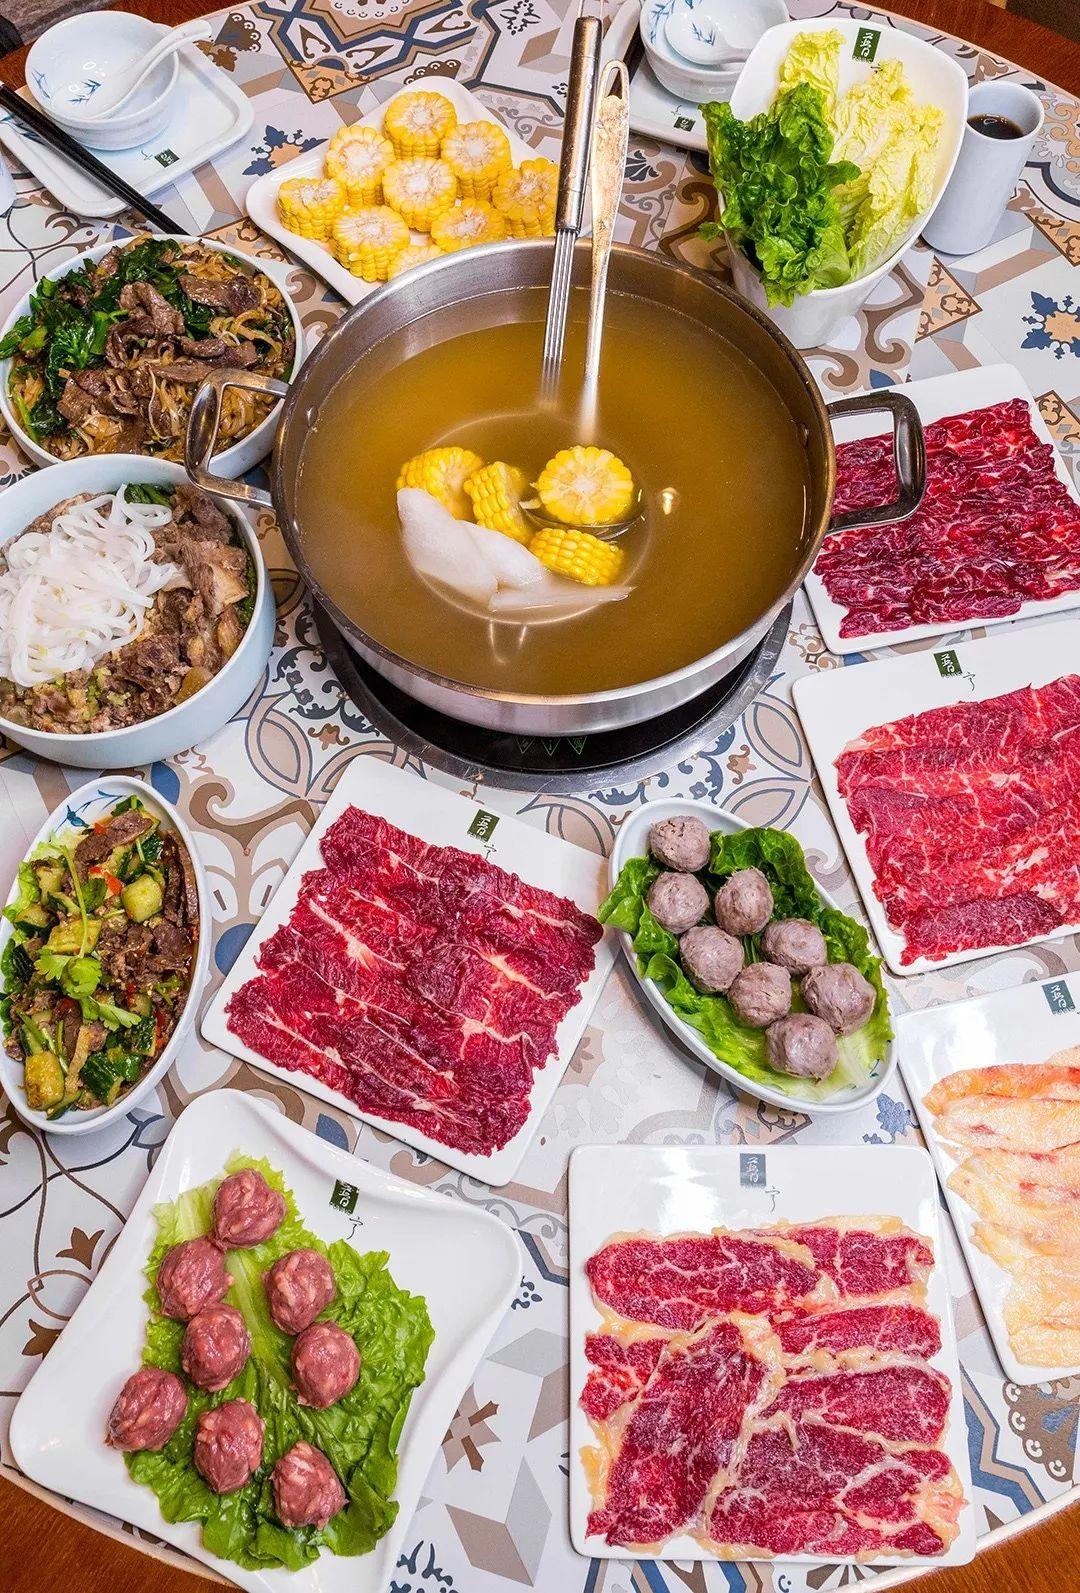 「公益广告」卫生速达!普宁潮汕牛肉丸,每日新鲜制作,全城配送!